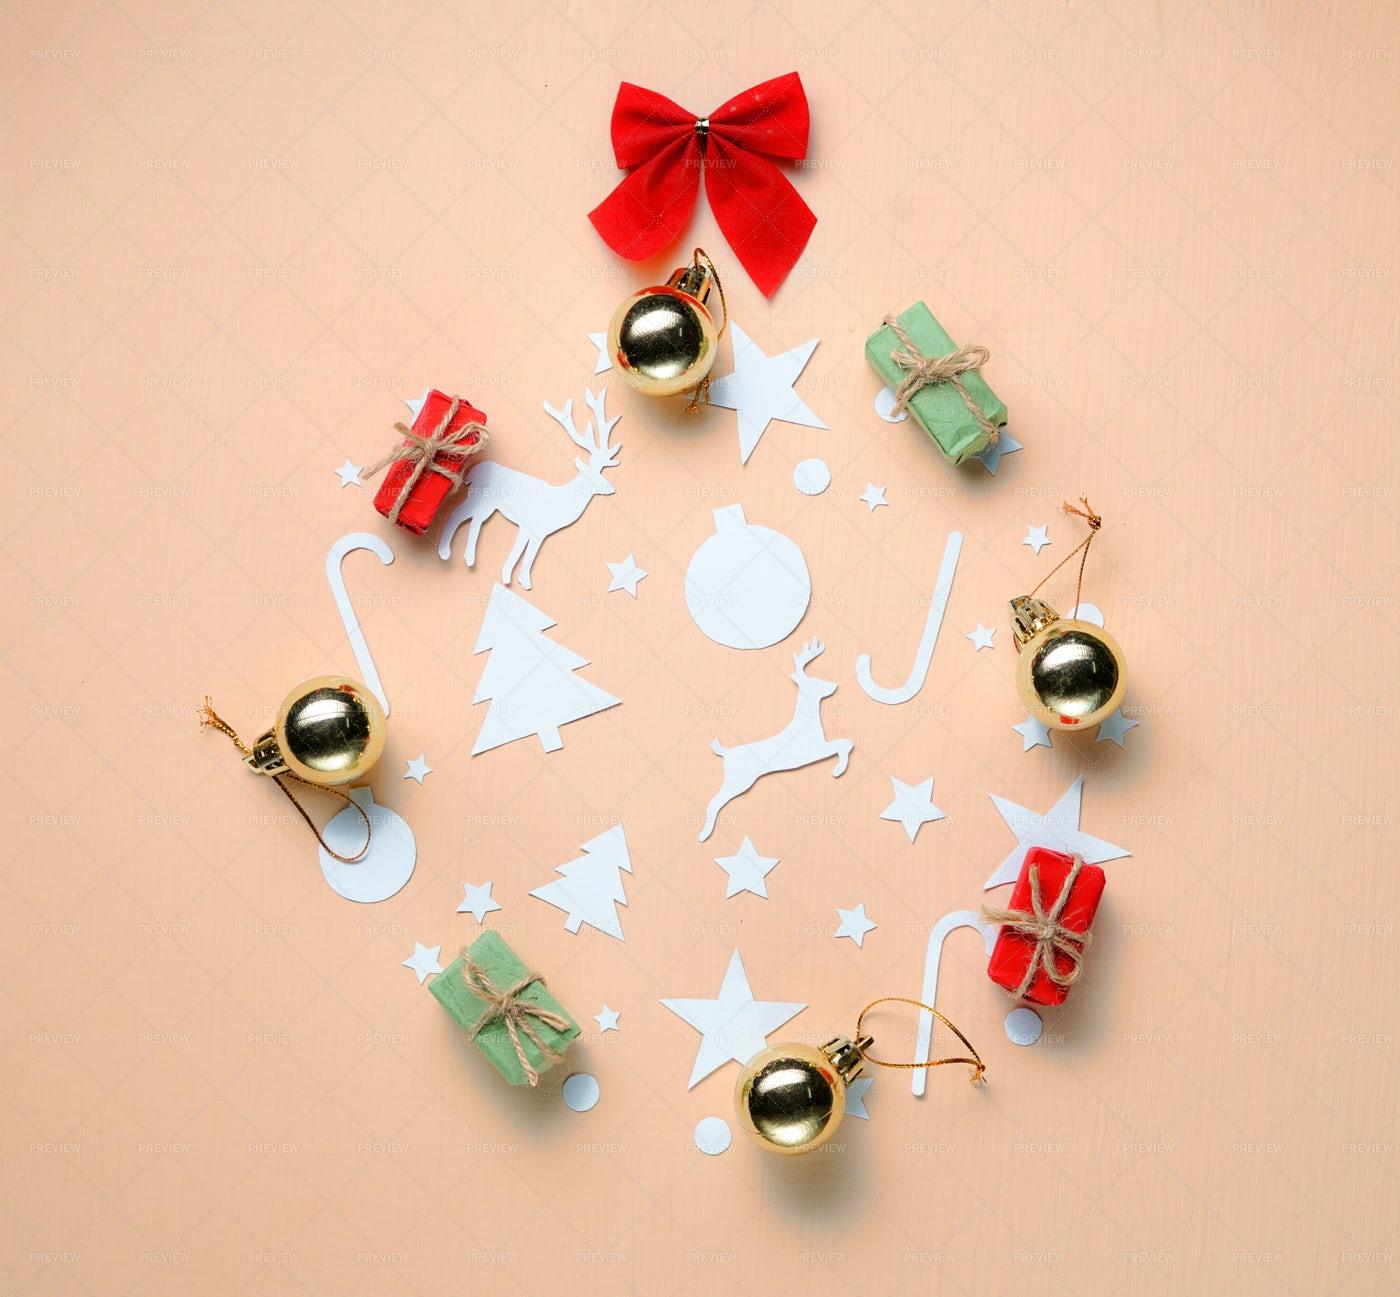 Christmas Decor On Peach Background: Stock Photos